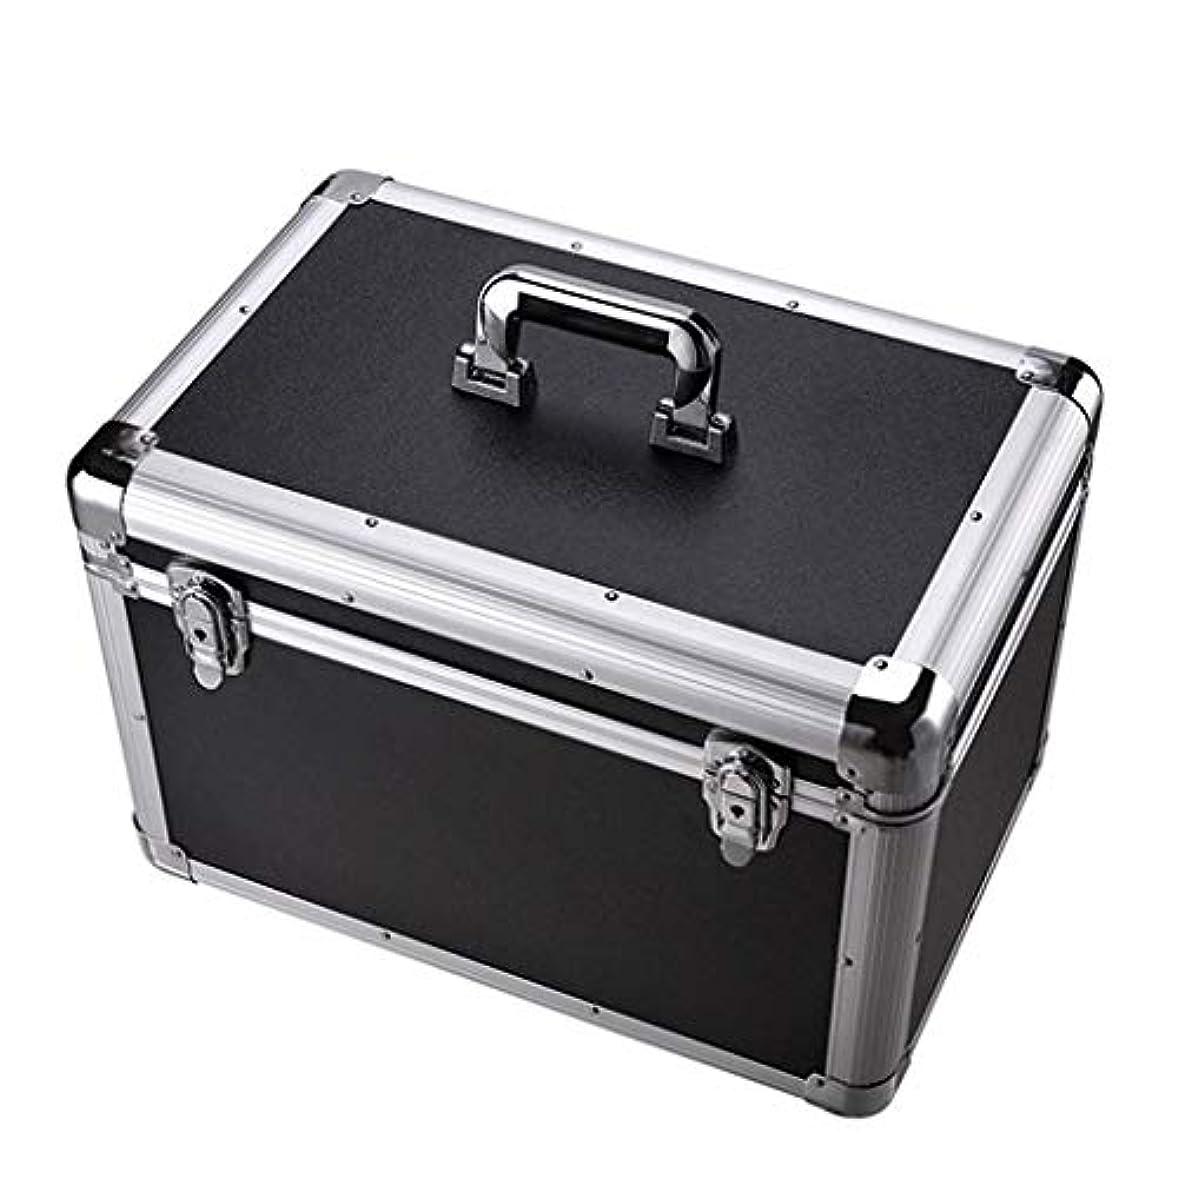 ラジウム刈るHEMFV 応急処置キット薬品ロックボックス処方収納ボックス薬箱のロック救急箱